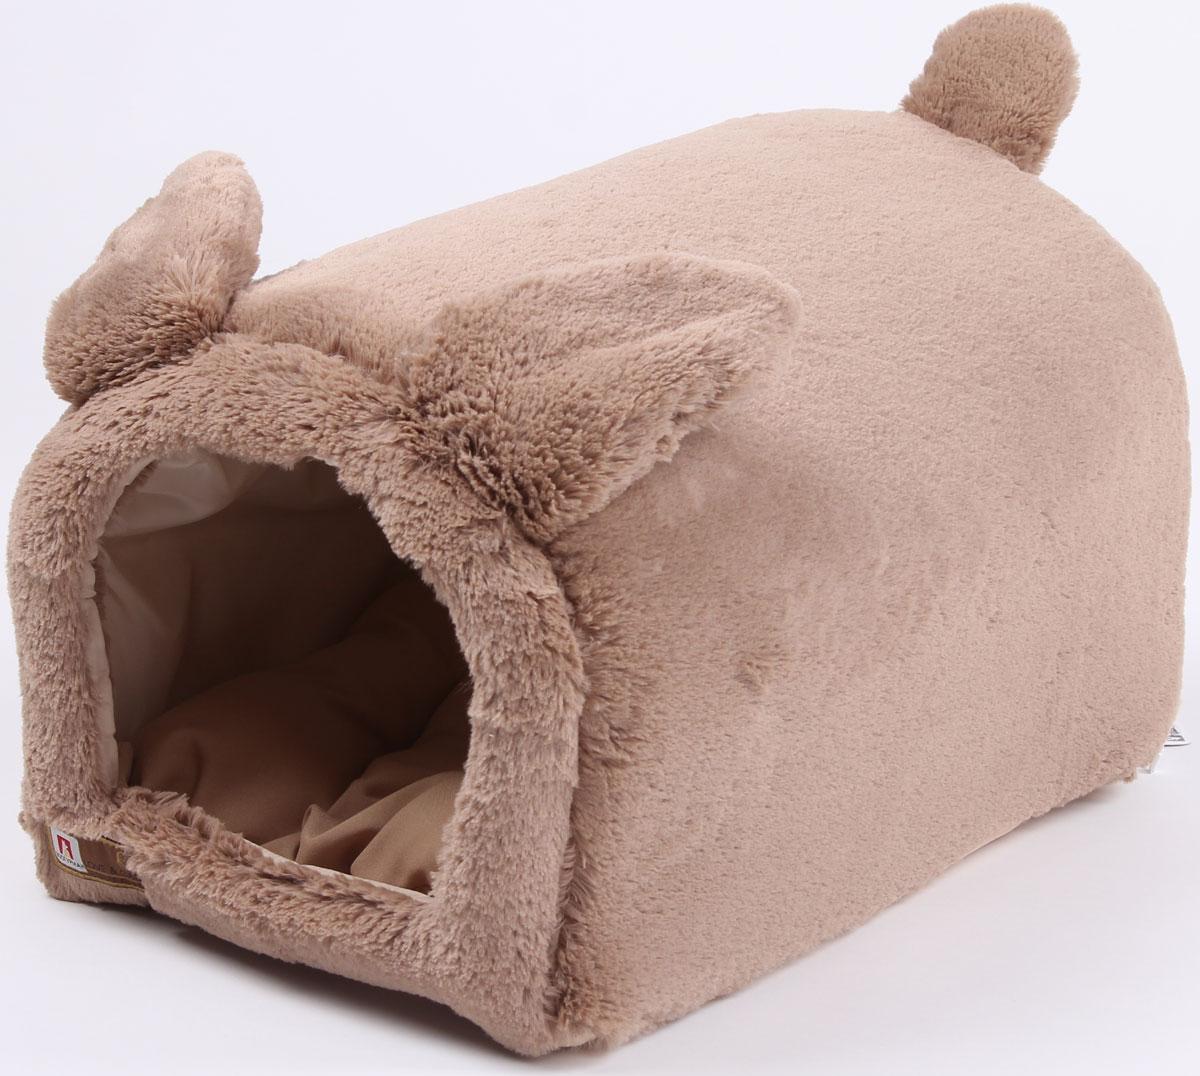 Домик для собак и кошек Зоогурман Taddy bear, цвет: серый, 50 х 35 х 30 см. Размер М0120710Милый плюшевый домик с ушками Зоогурман Taddy bear не оставит равнодушным питомца, ведь в нем так тепло и уютно, что даже не хочется выходить. Домик предназначен для кошек, а также собак мелких и средних пород (размер М).Рекомендации: стирка в деликатном режиме 30 градусов.Материал: хб ткань, поролон, нейлон.